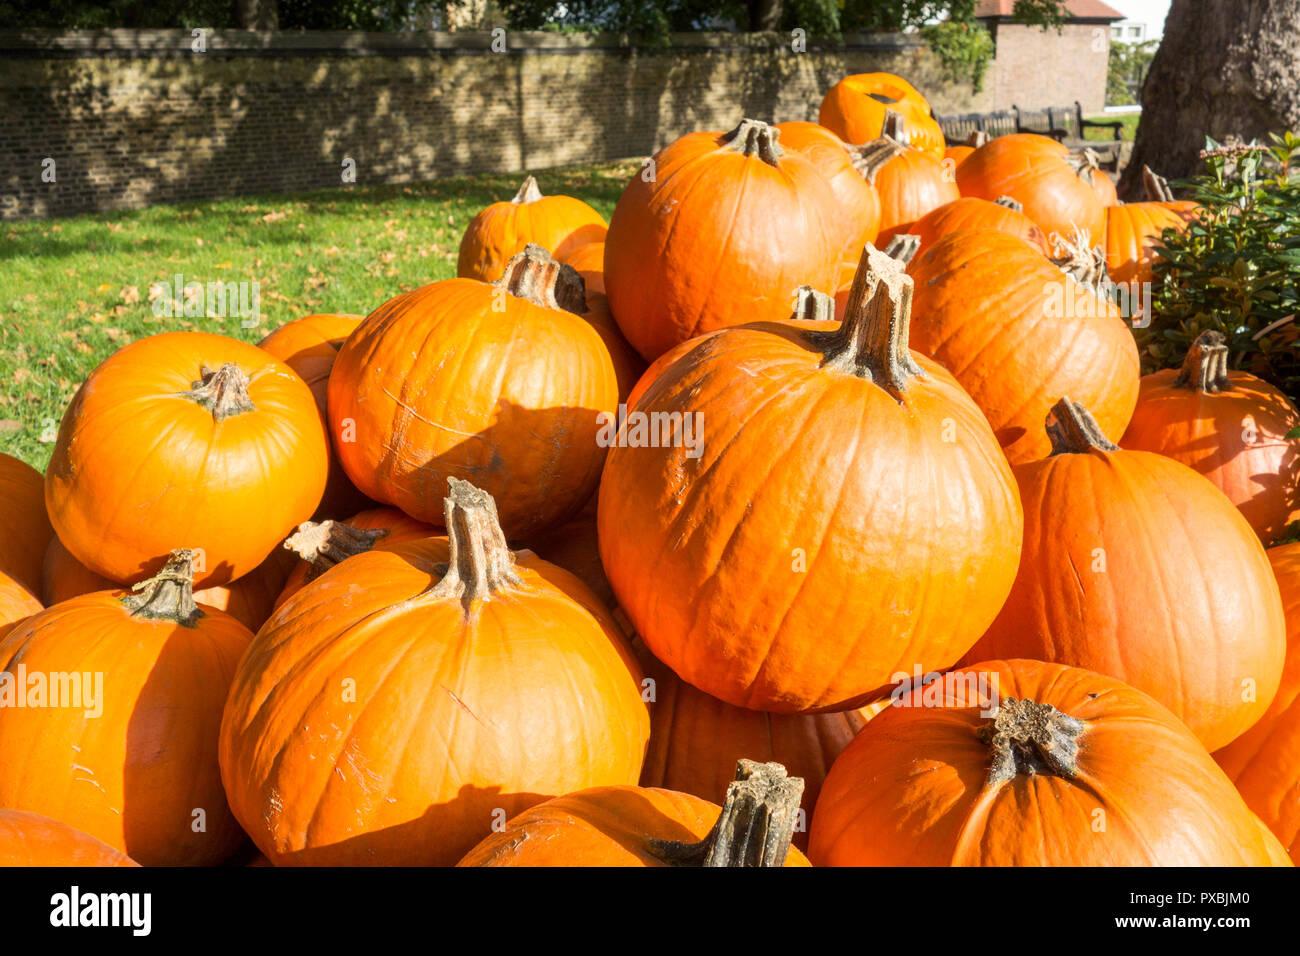 Un mucchio di Halloween antiossidante e nutriente zucche pronto per essere trasformato in jack-o-lantern al di fuori di un fruttivendolo in Inghilterra, Regno Unito Immagini Stock